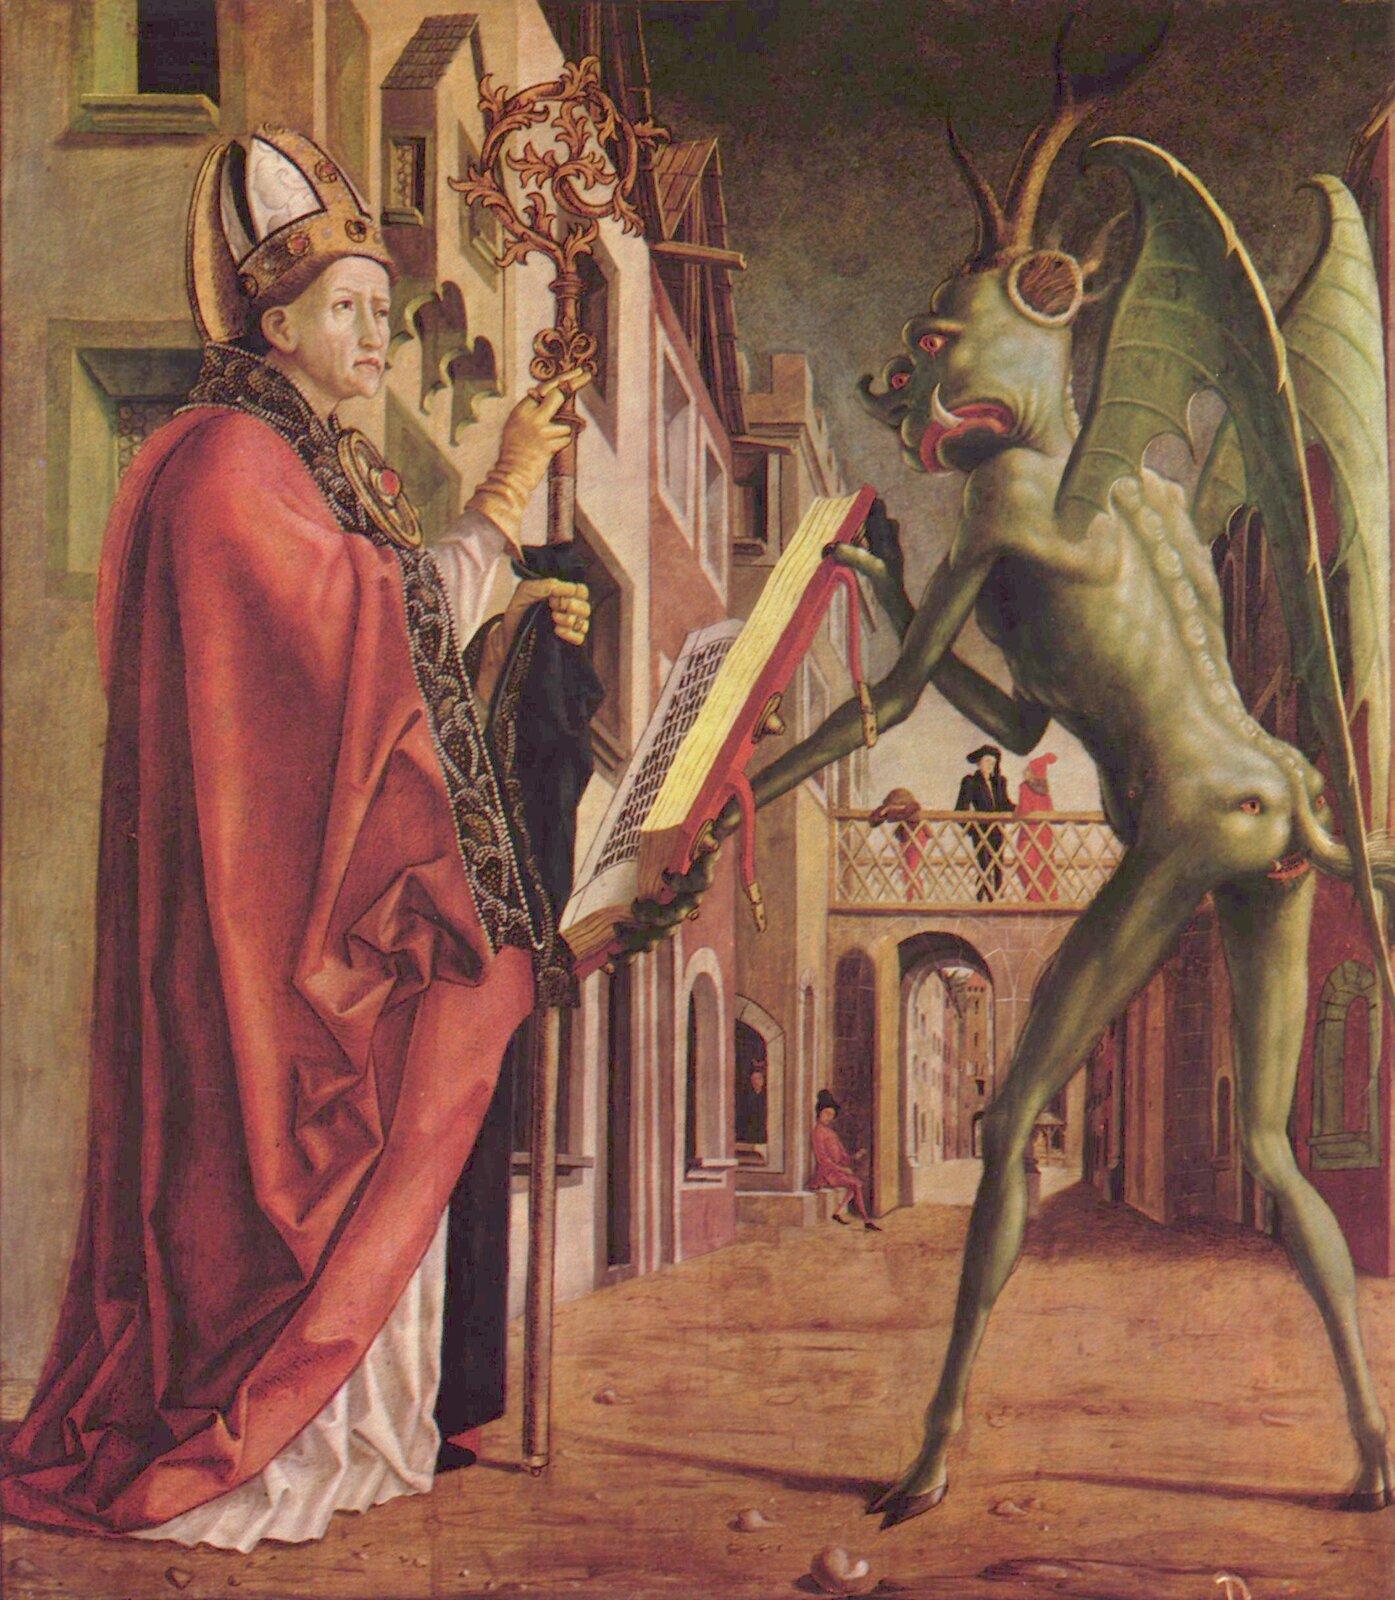 Michael Pacher, Święty Augustyn (Święty Wolfgang)idiabeł, 1483, olej na panelu Michael Pacher, Święty Augustyn (Święty Wolfgang)idiabeł, 1483, olej na panelu Źródło: domena publiczna.